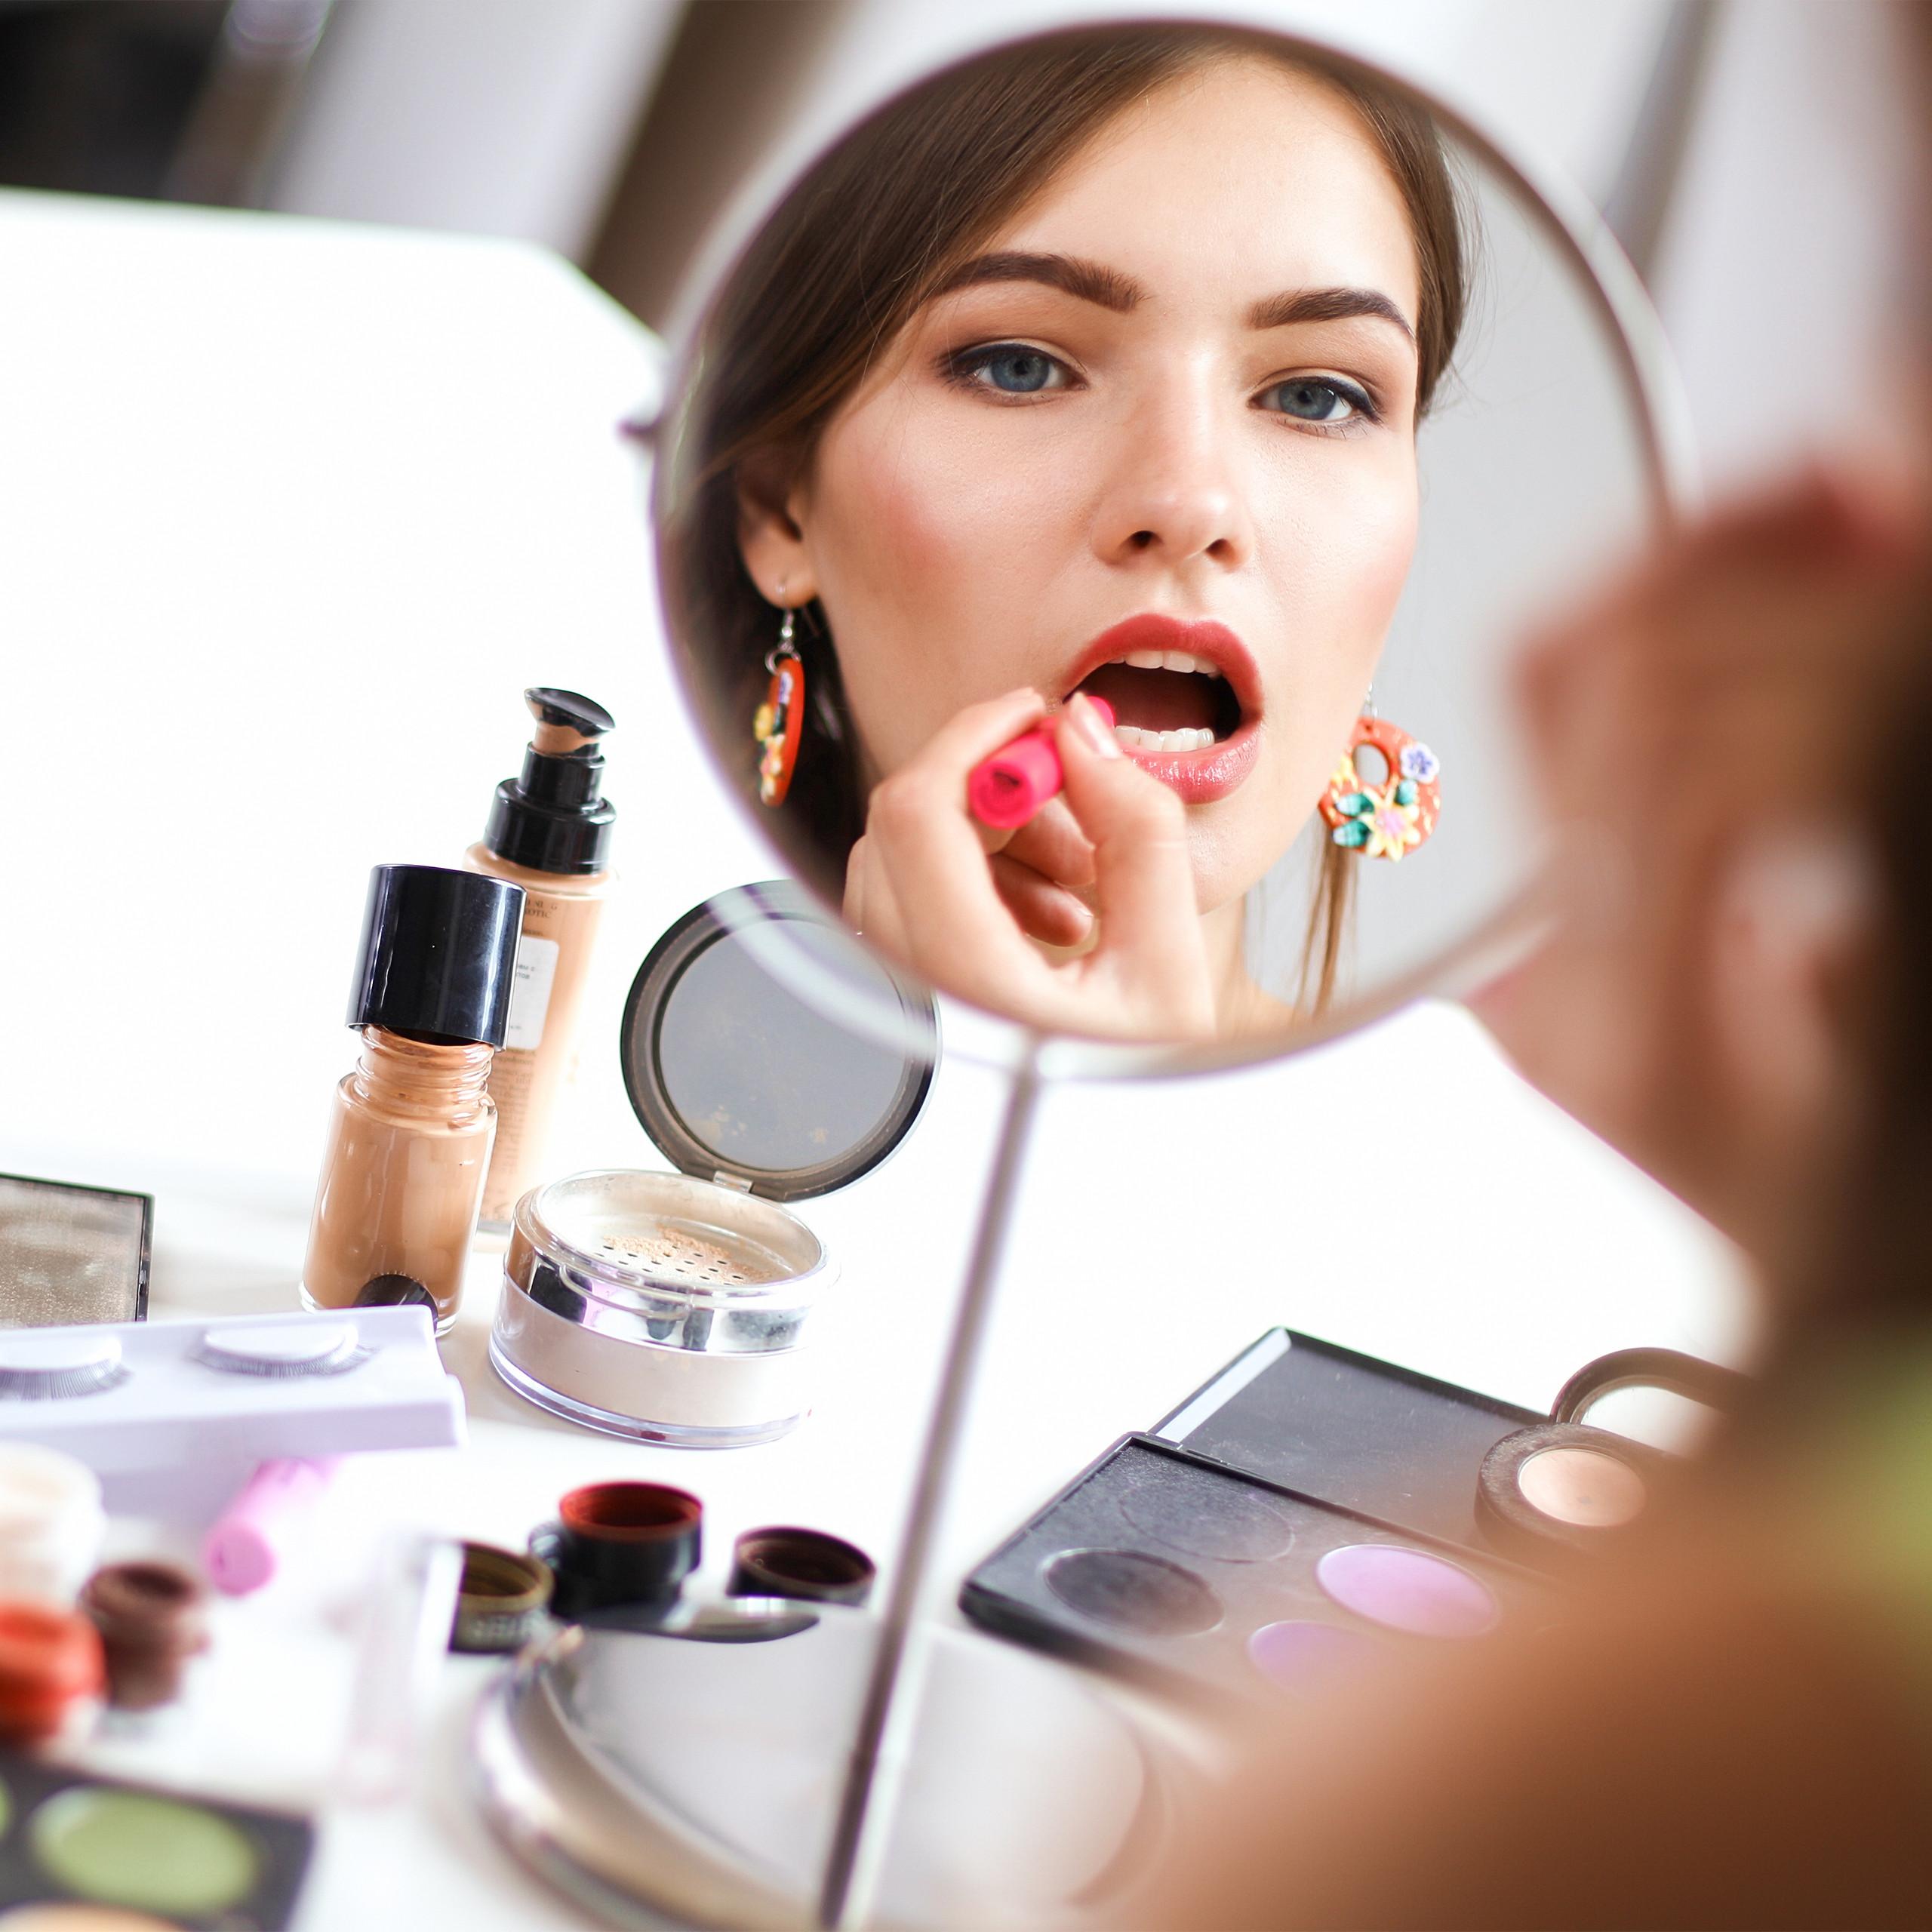 Kosmetik-Organizer-Acrylbox-Schmink-Aufbewahrung-Make-Up-Organizer-3-Schubladen miniatura 7